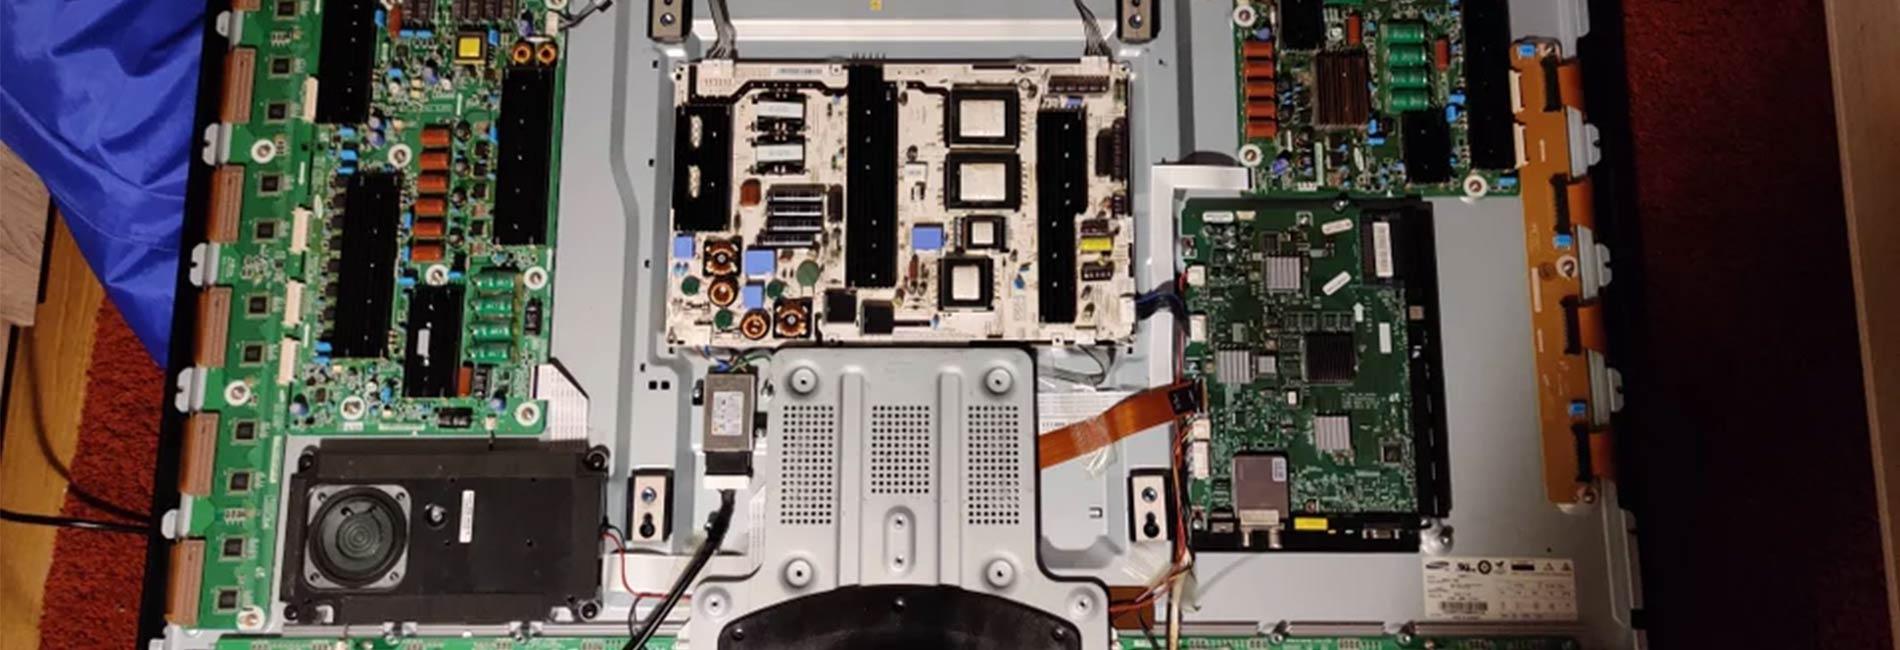 Plasma TV Repair Services in Delhi